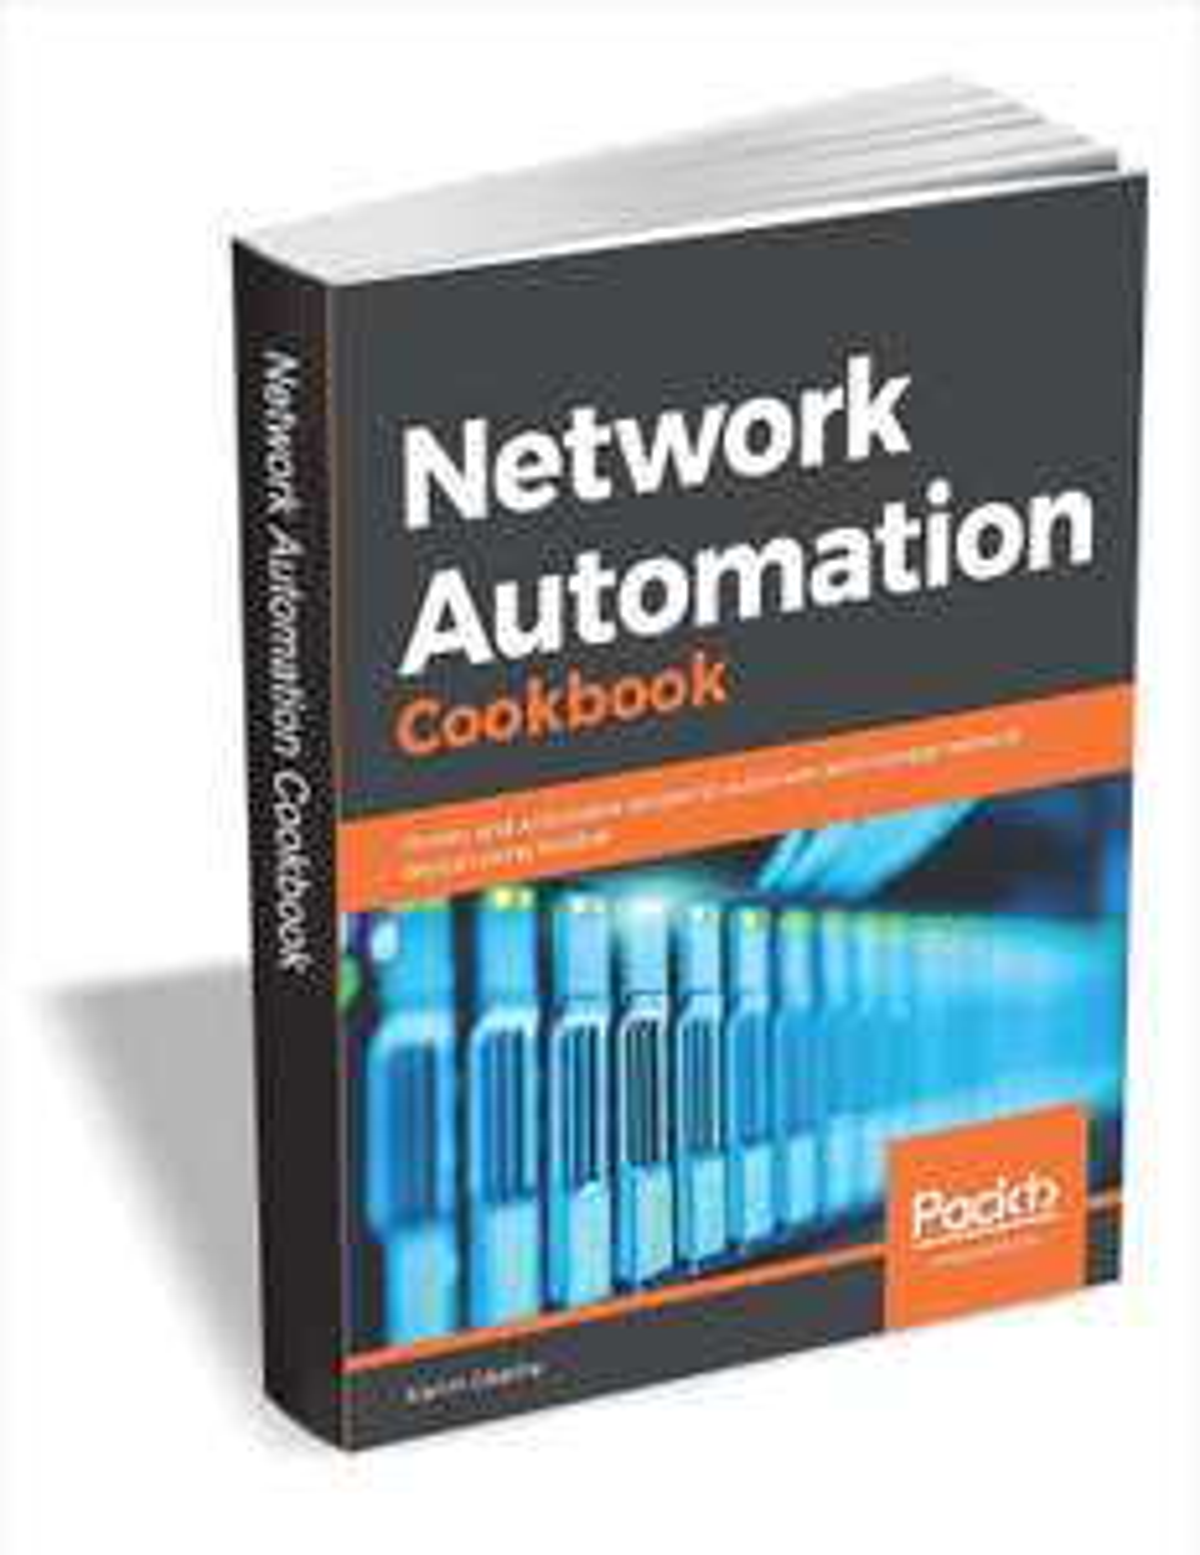 [PDF] [eBook] Network Automation Cookbook ($27.99 Value) FREE [Englisch] [kostenlos]